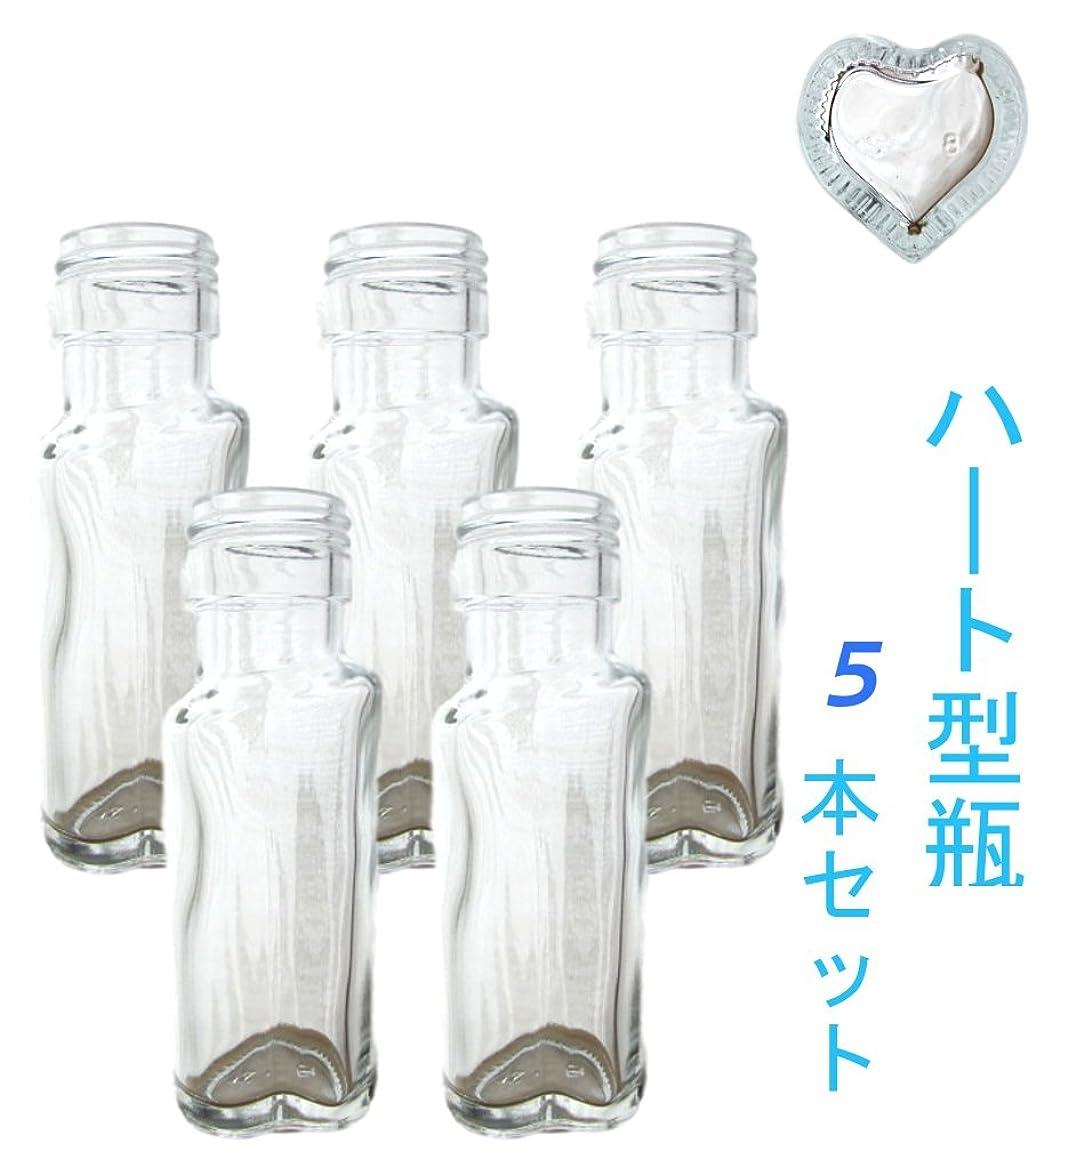 プラスチック卒業記念アルバム生物学(ジャストユーズ) JustU's 日本製 ポリ栓 中栓付きハート型ガラス瓶 5本セット 50cc 50ml アロマデュフューザー ハーバリウム 調味料 オイル タレ ドレッシング瓶 B5-SSH50A-KAS